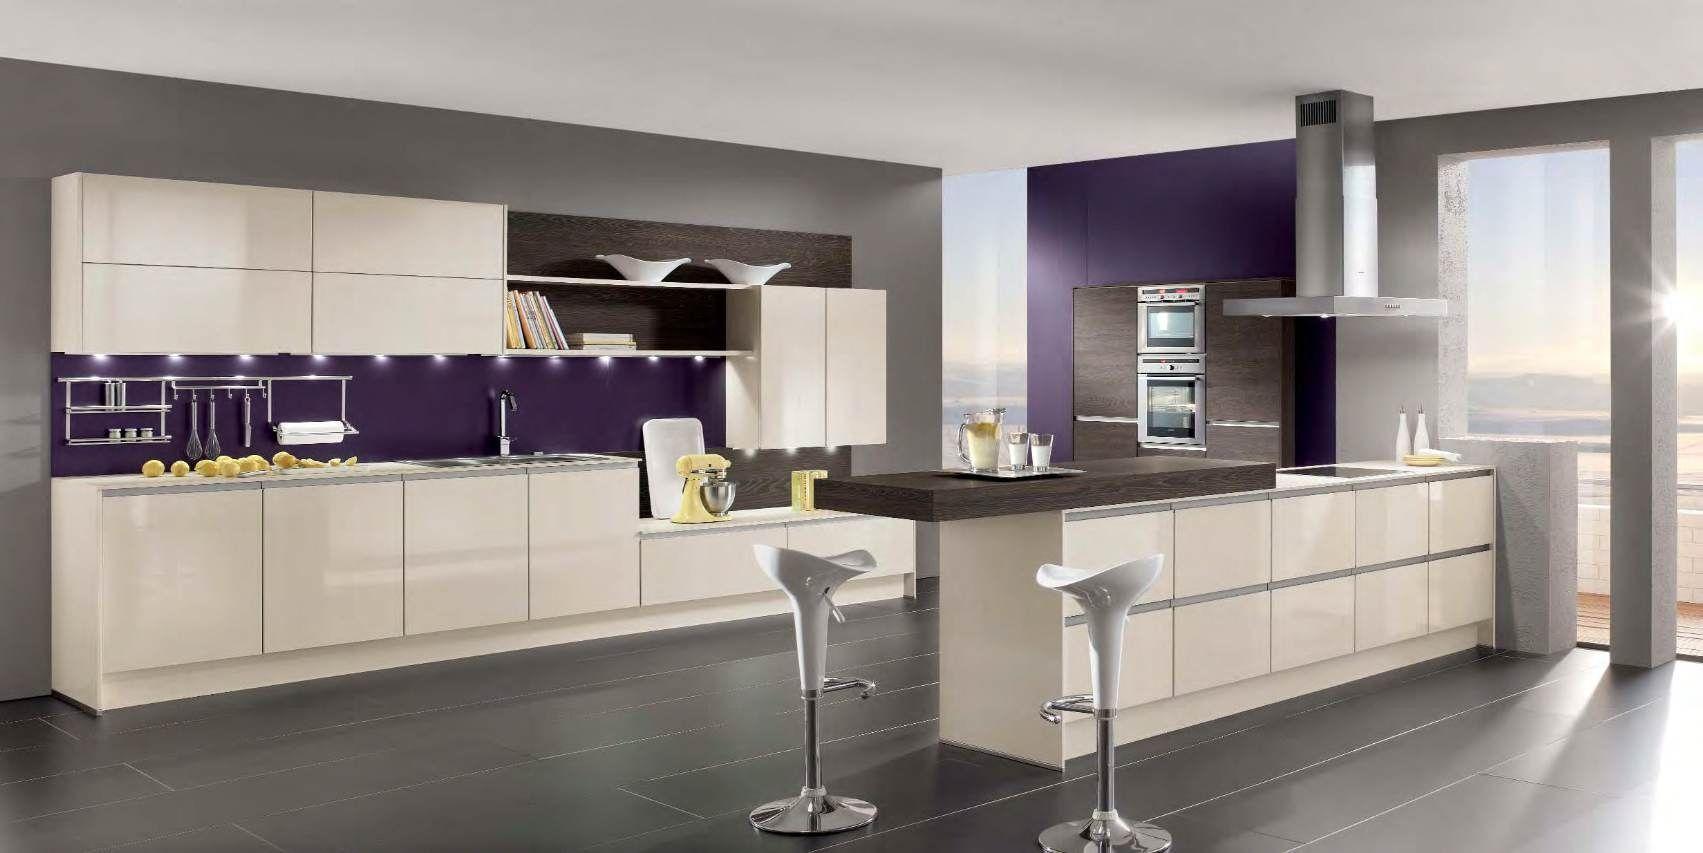 Moderne Küche Insel Design Kleine Küche Insel Warenkorb Tragbare